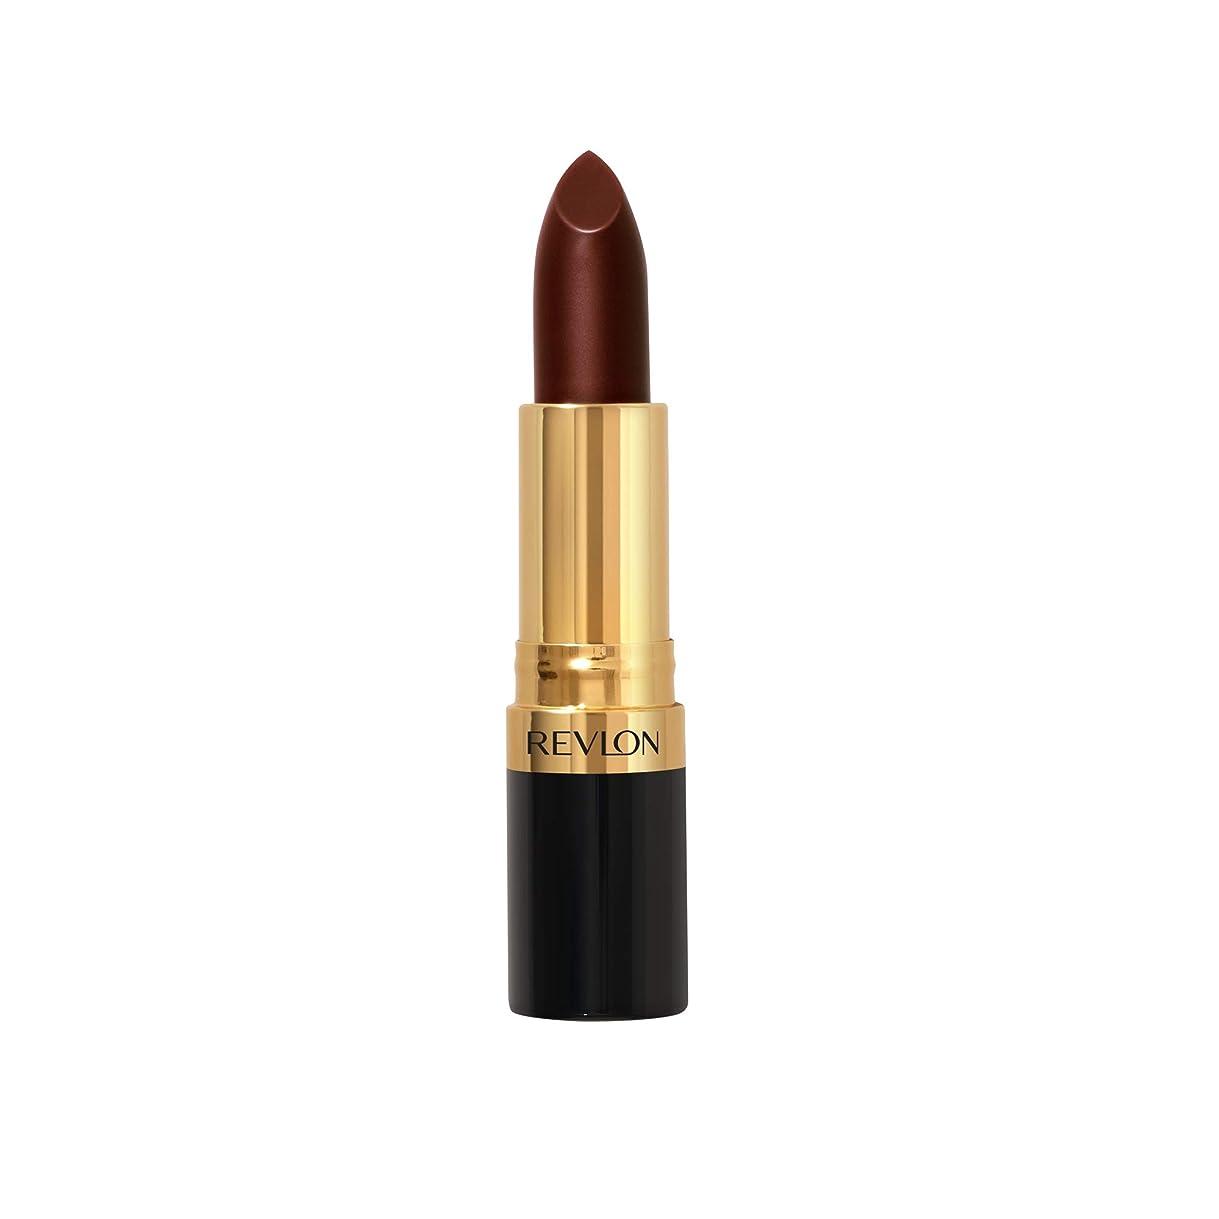 噴水なめるまだらREVLON Super Lustrous Lipstick Creme - Black Cherry 477 (並行輸入品)